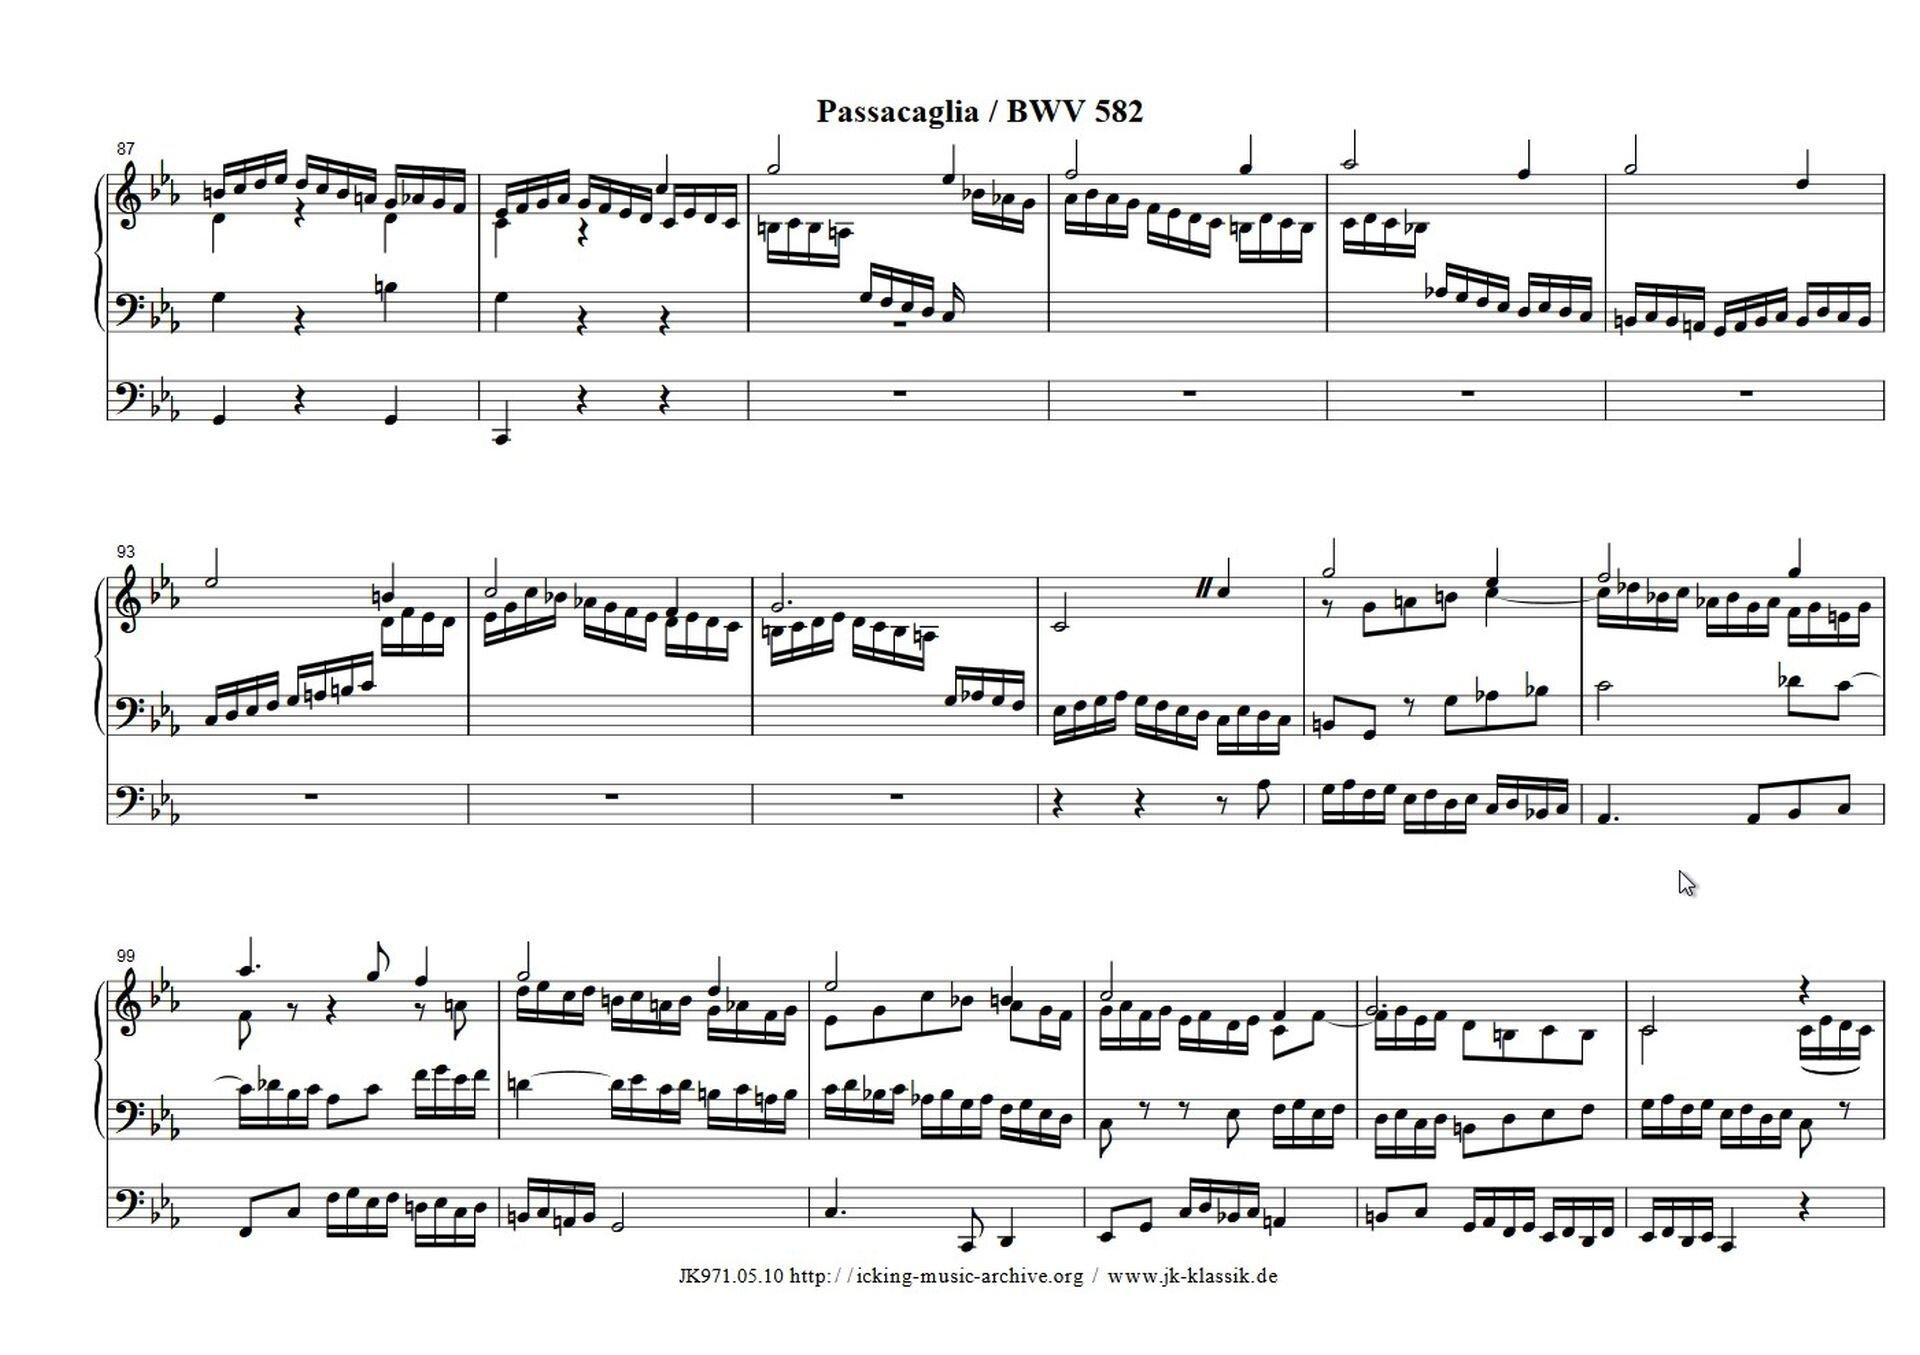 """Ilustracja przedstawia partyturę. Na pięciolinii zostały zaznaczone notacje muzyczne utworu Johanna Sebastiana Bacha – """"Passacaglia ifuga c-moll"""", takty 87–122."""